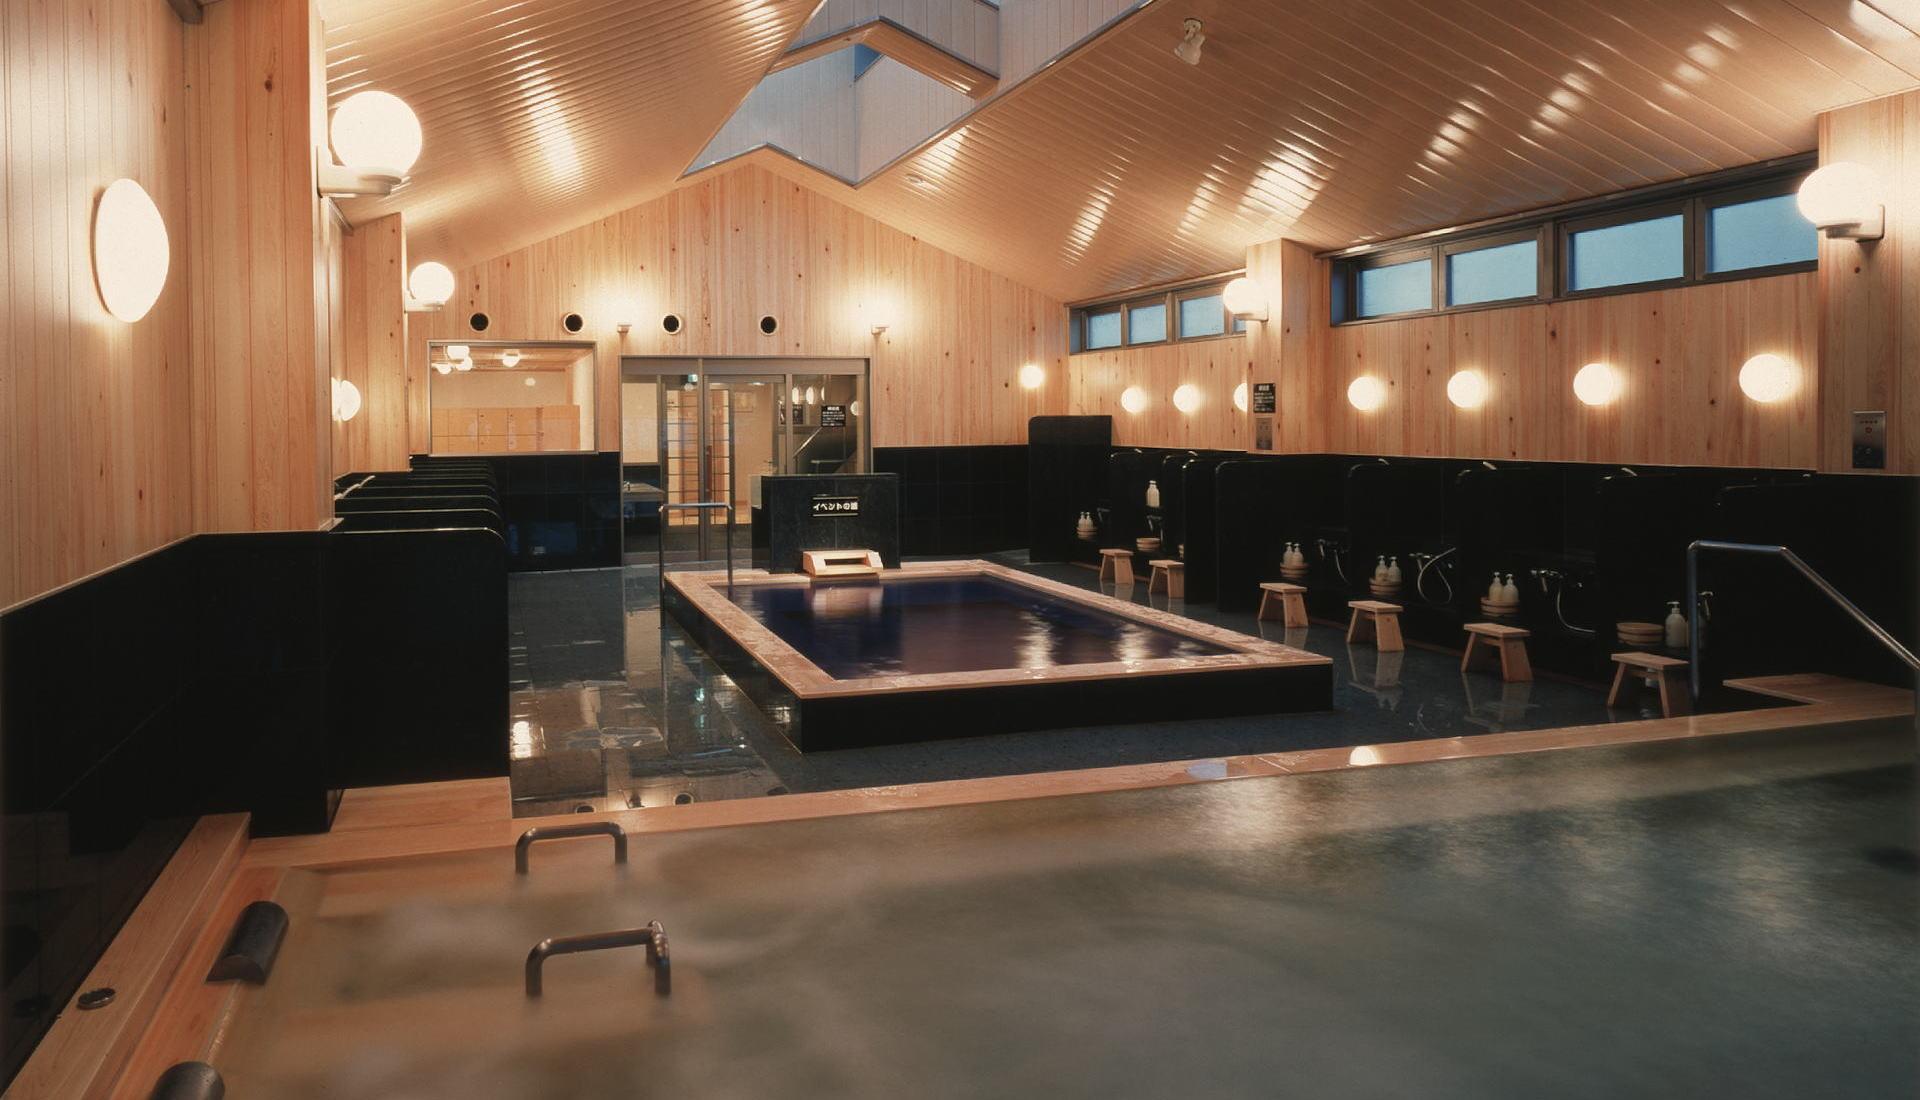 京都市內旅館 最好的浴場設施